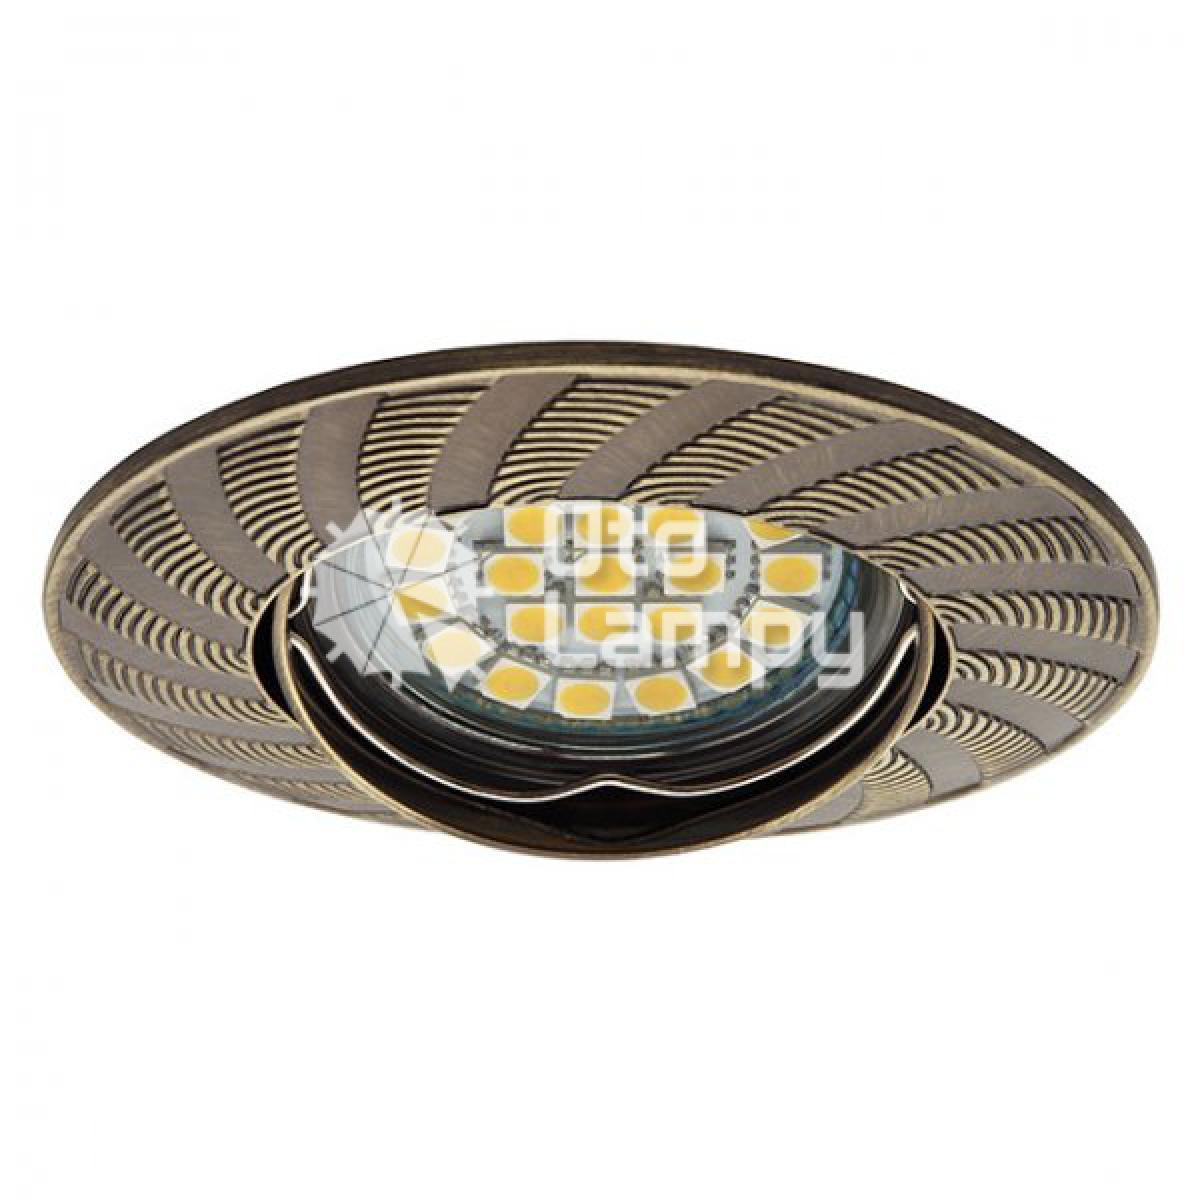 główne źródło światła, oświetlenie zadaniowe, oprawy nastawne